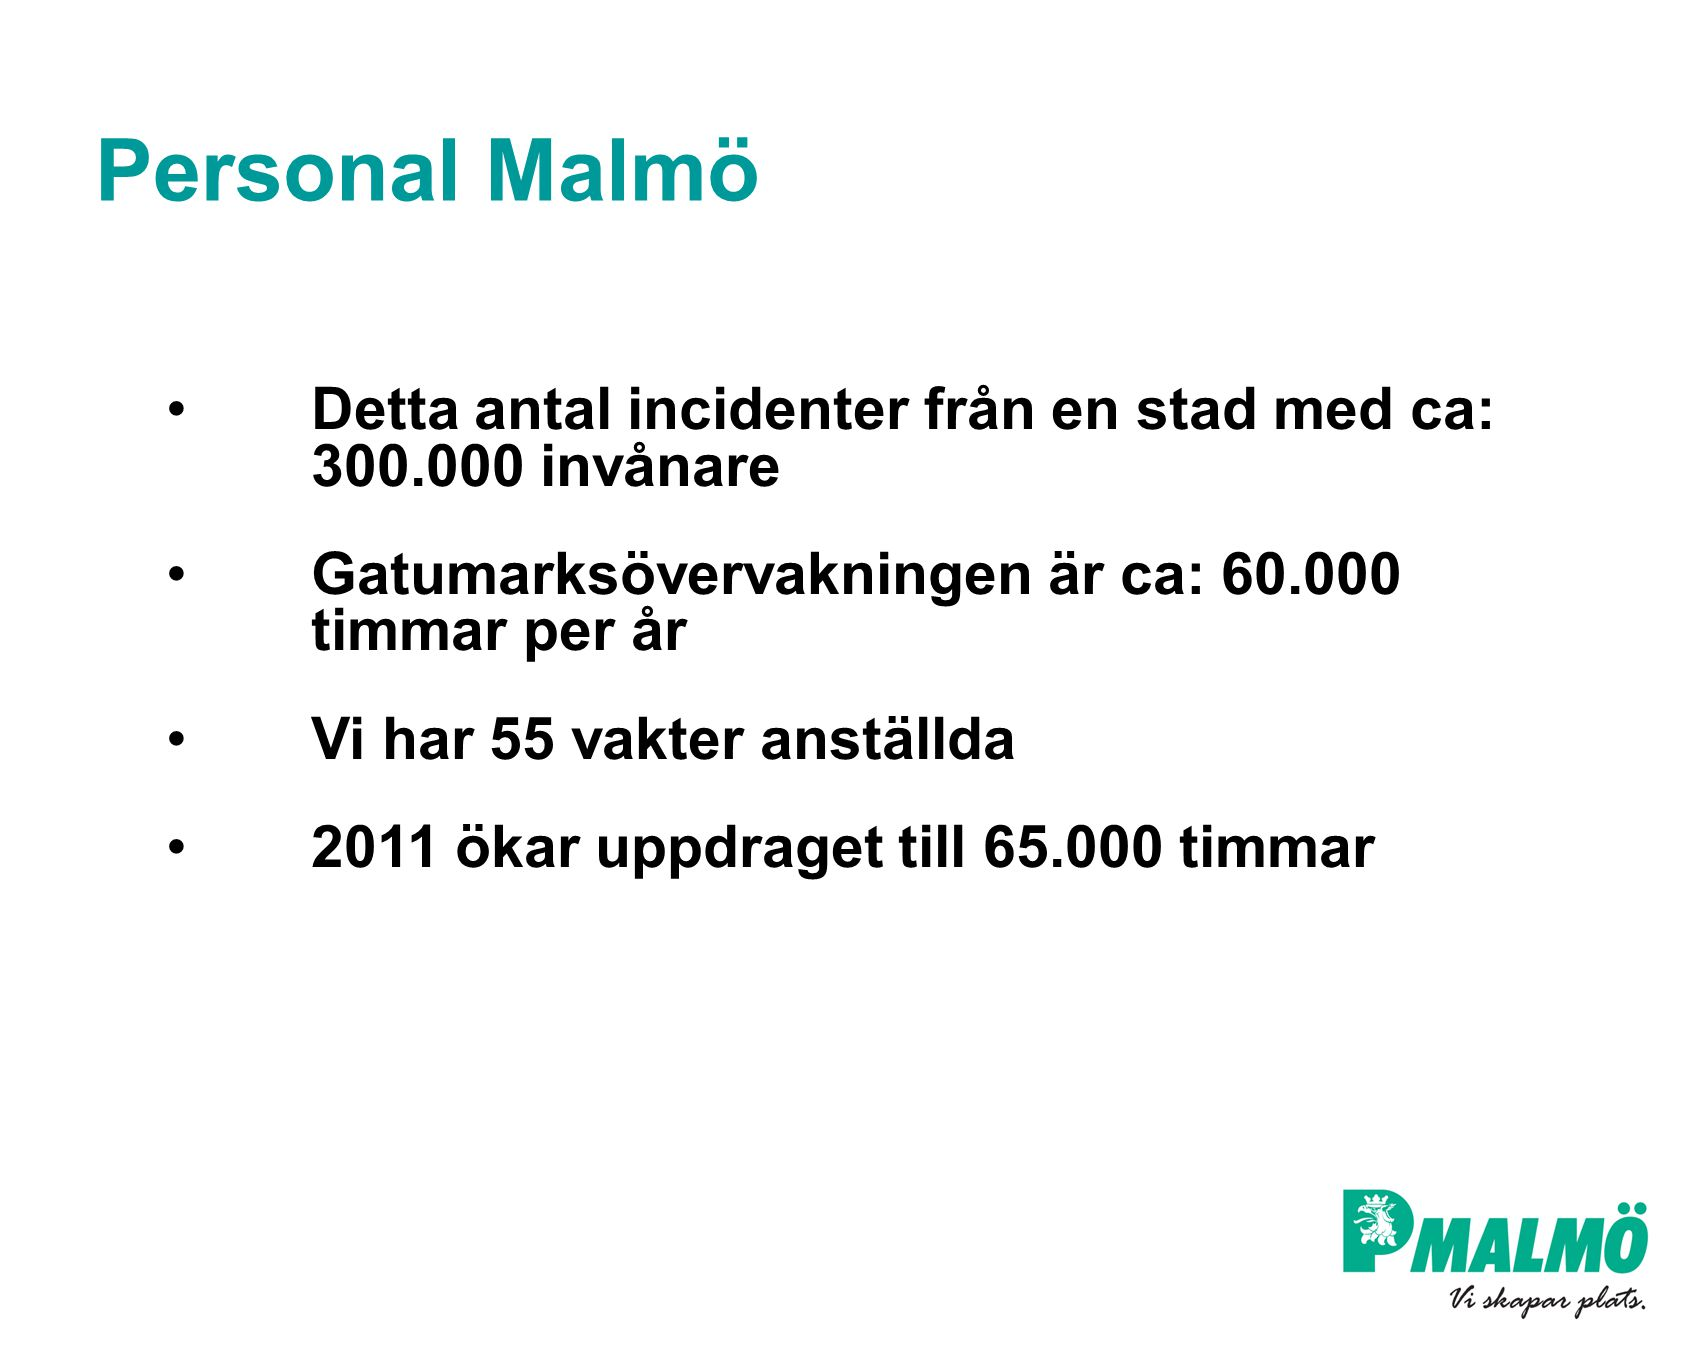 Personal Malmö Detta antal incidenter från en stad med ca: 300.000 invånare. Gatumarksövervakningen är ca: 60.000 timmar per år.